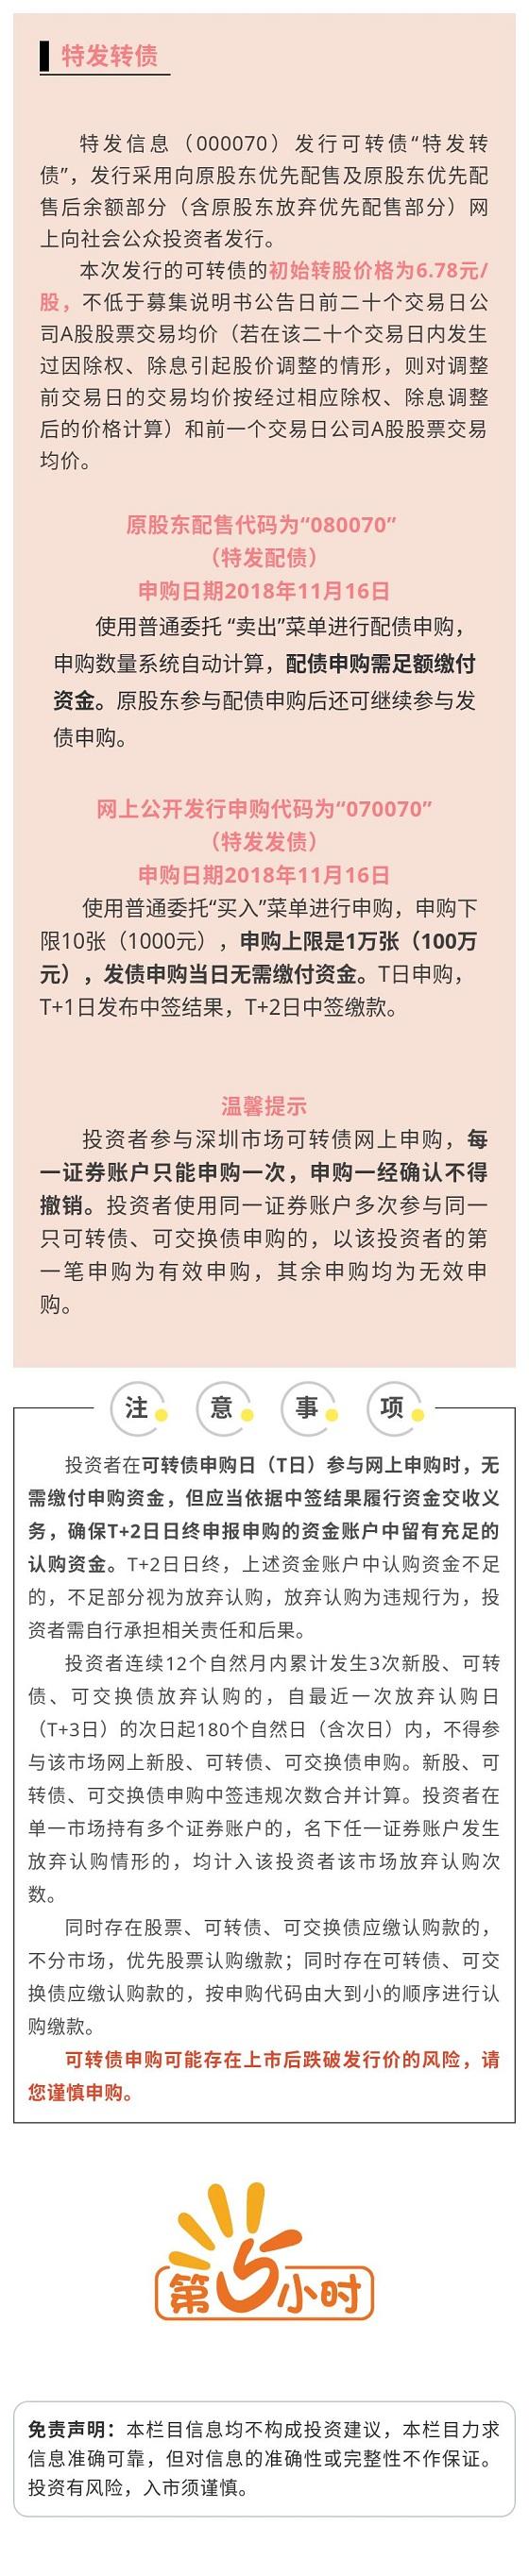 【新债申购】特发信息(000070)公开发行可转换公司债.jpg